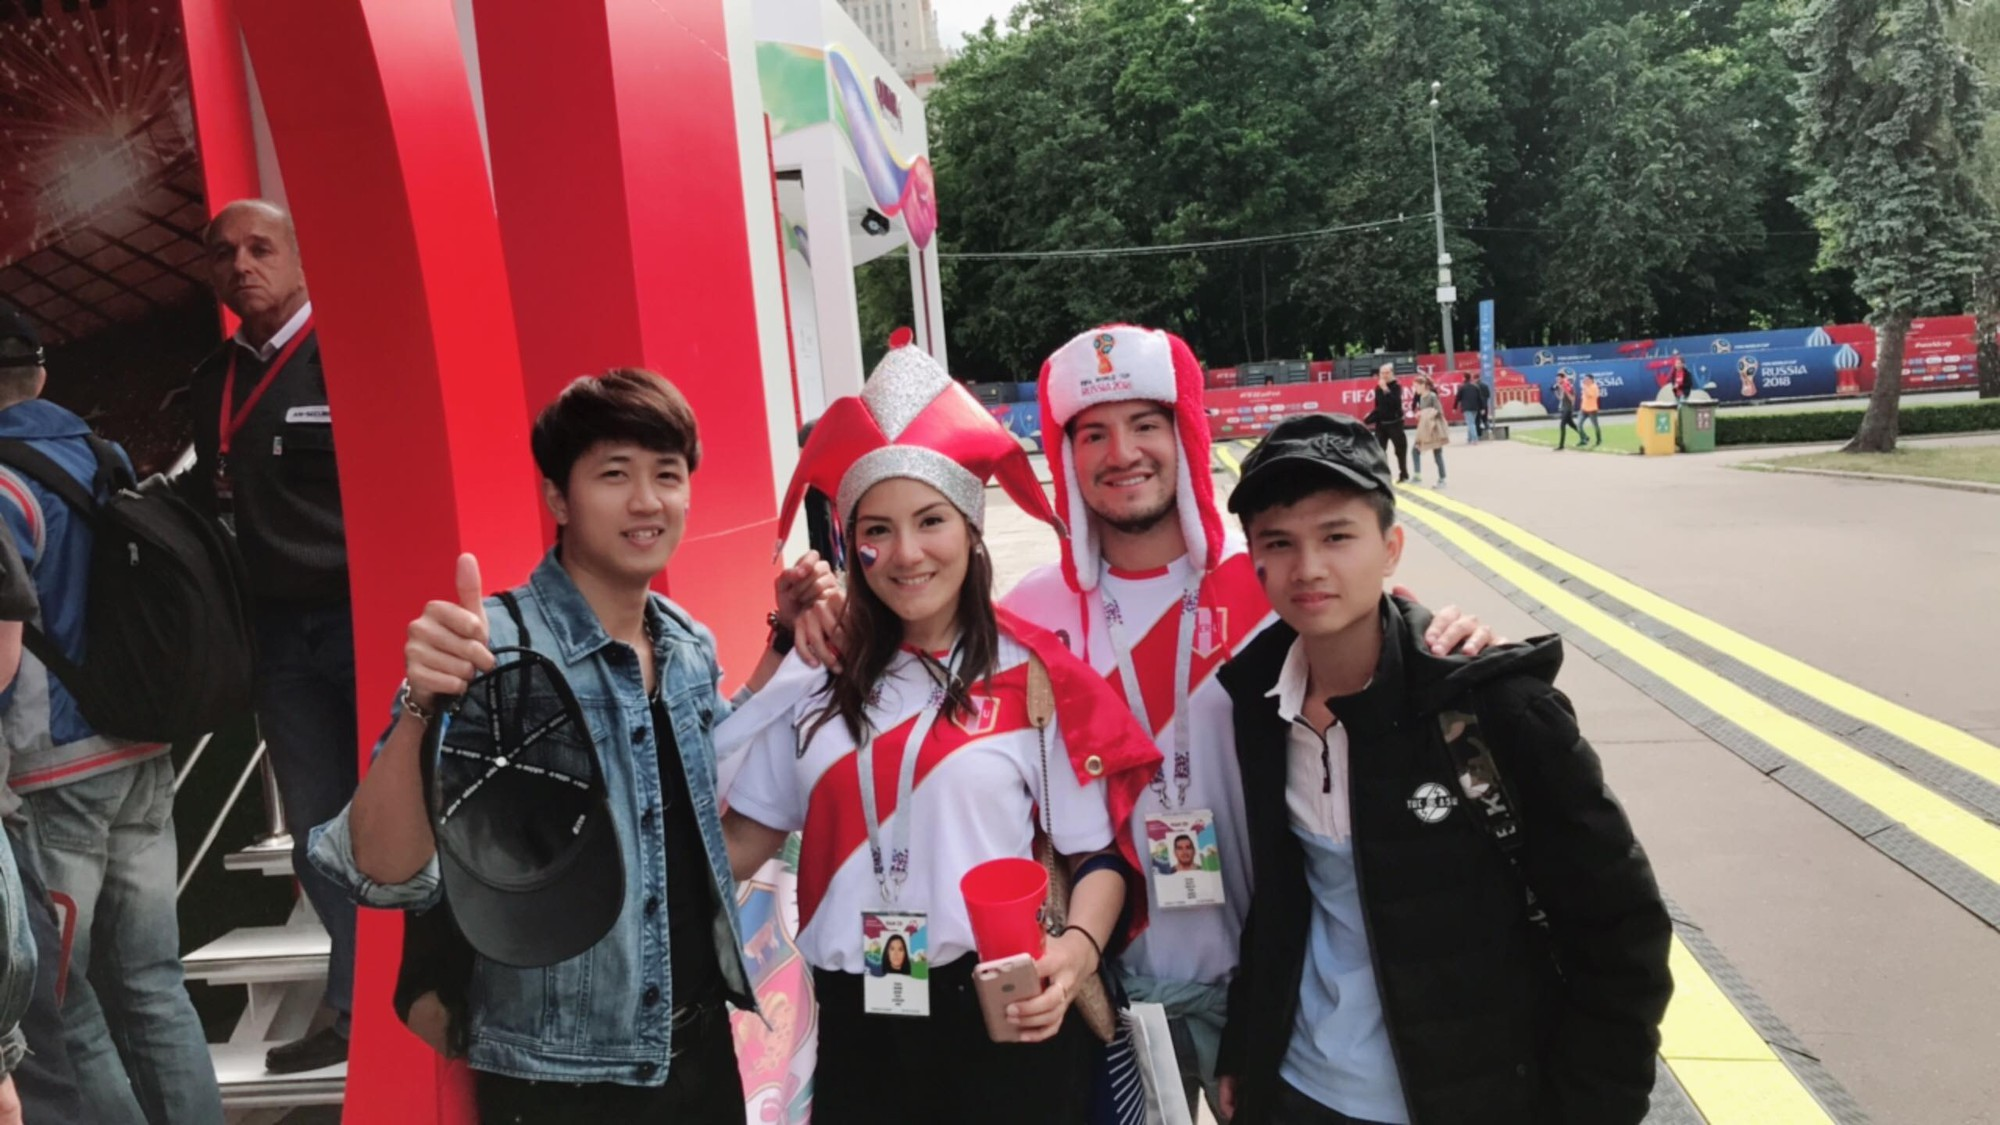 Du học sinh Việt tại Nga đang khiến bạn bè ở quê nhà ghen tỵ vì được đến tận nơi xem World Cup 2018 - Ảnh 9.